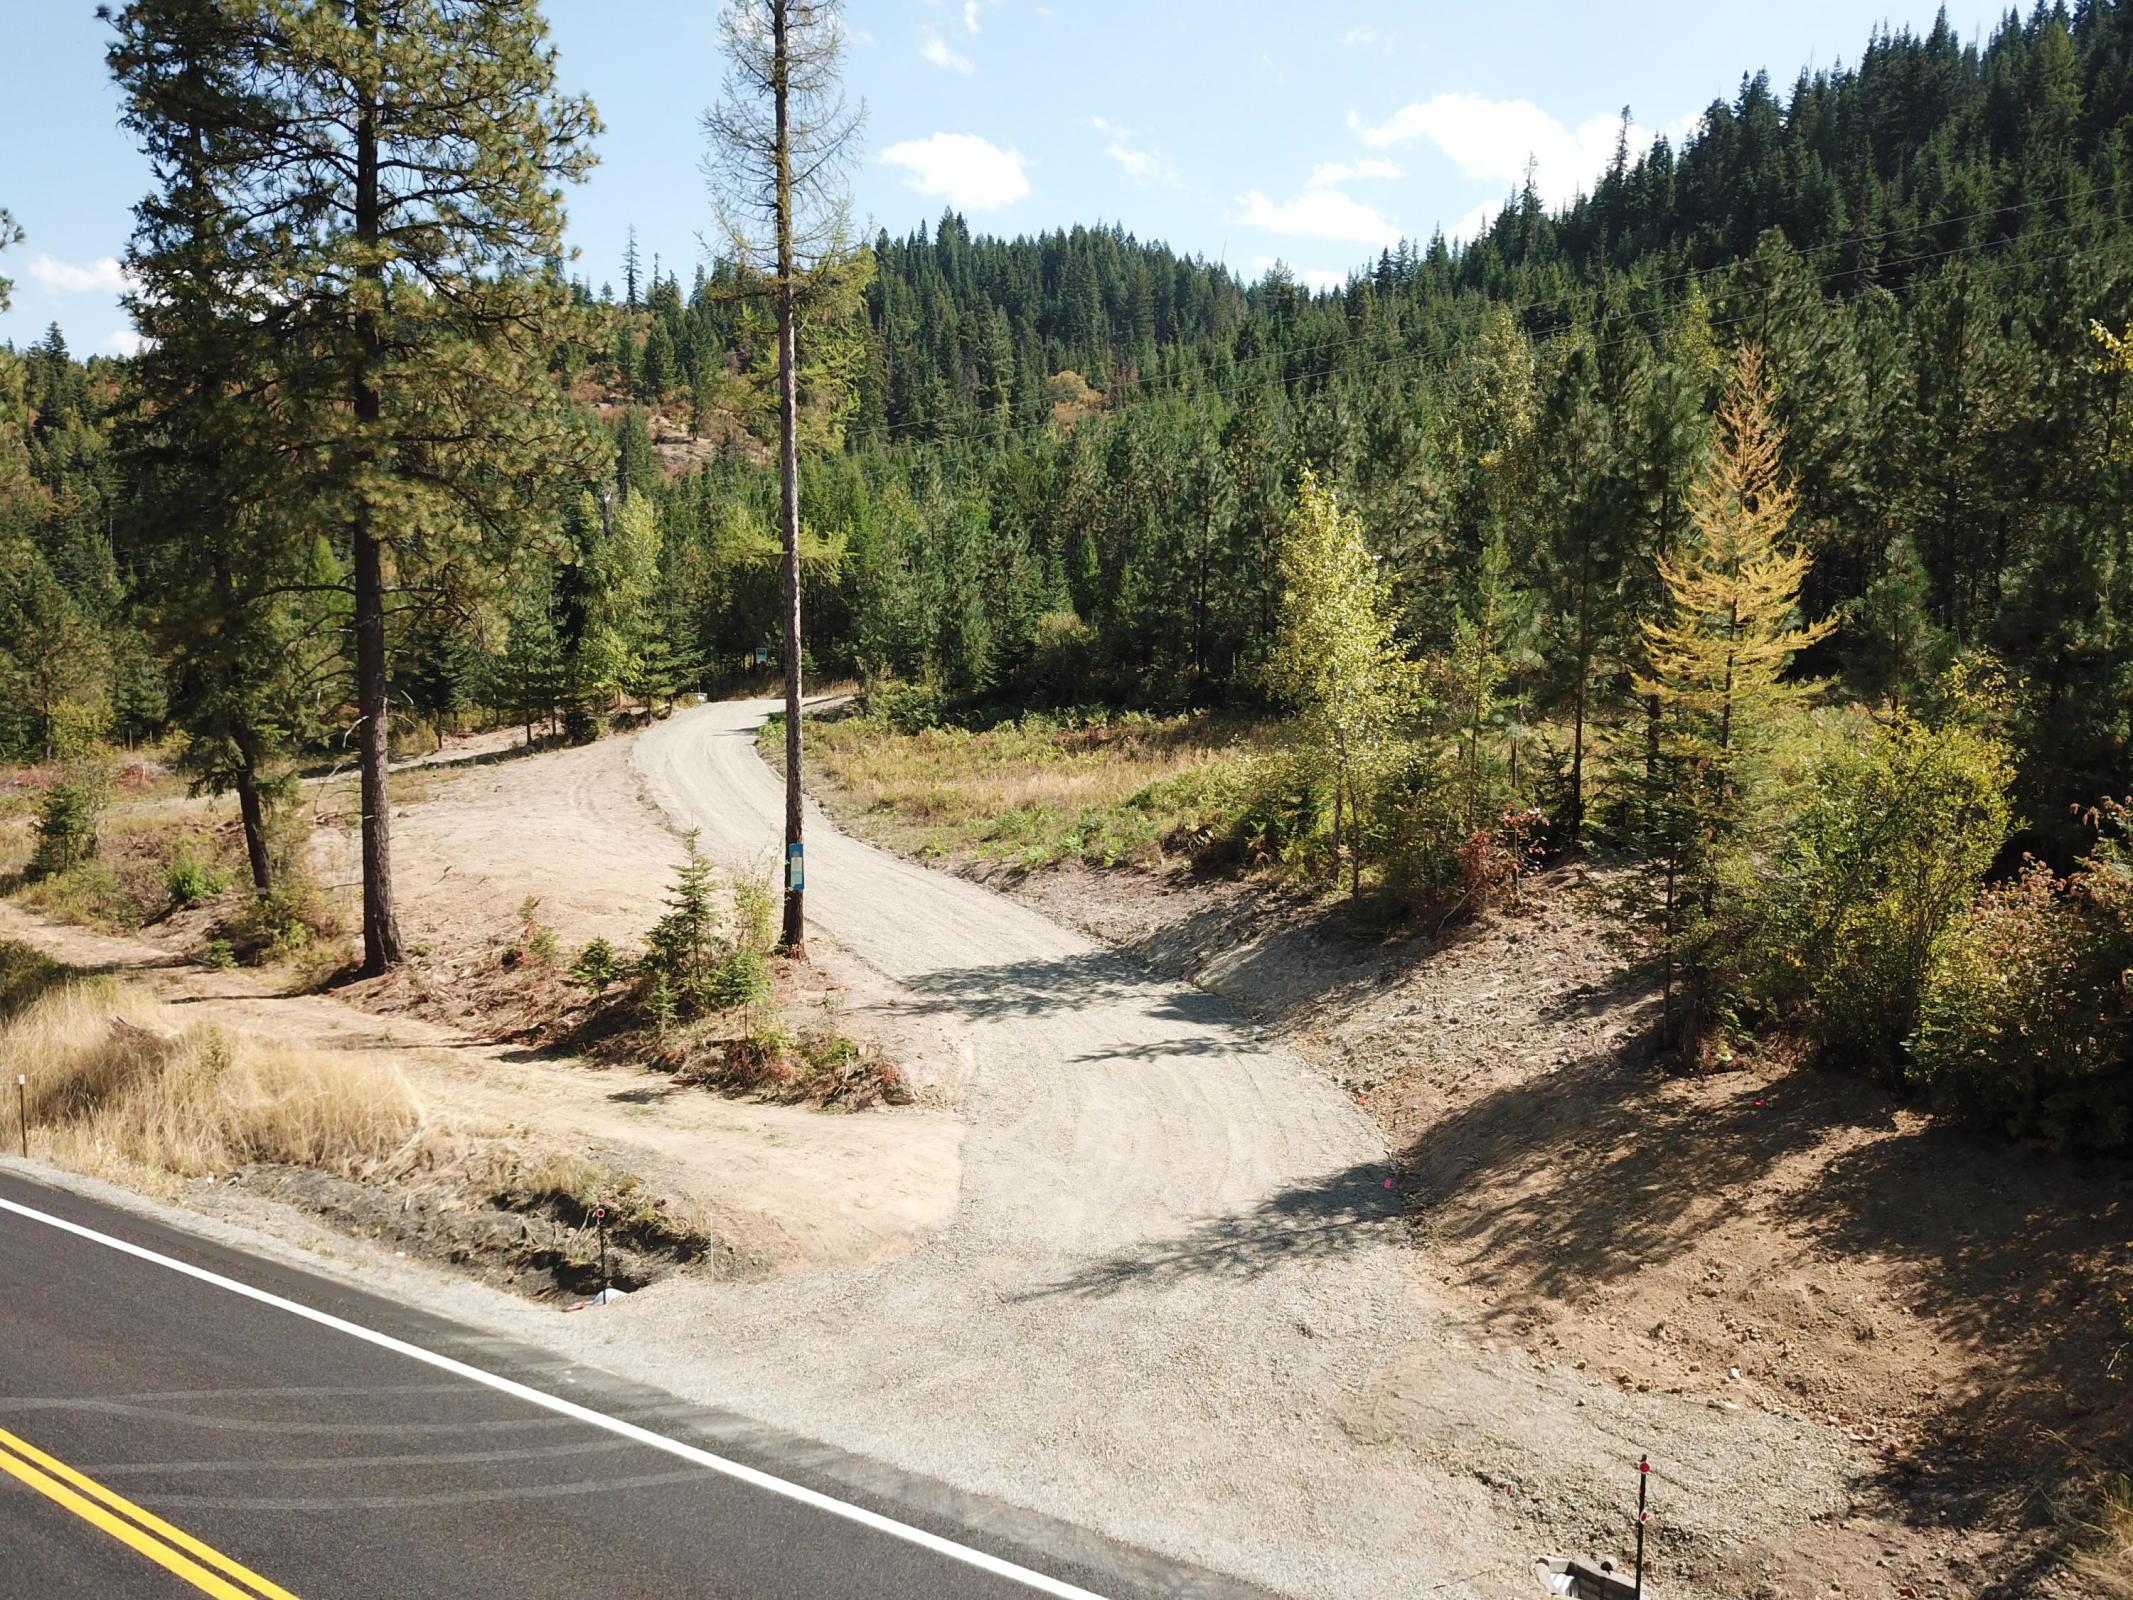 photo of   Hwy 3  Cataldo Idaho 83810